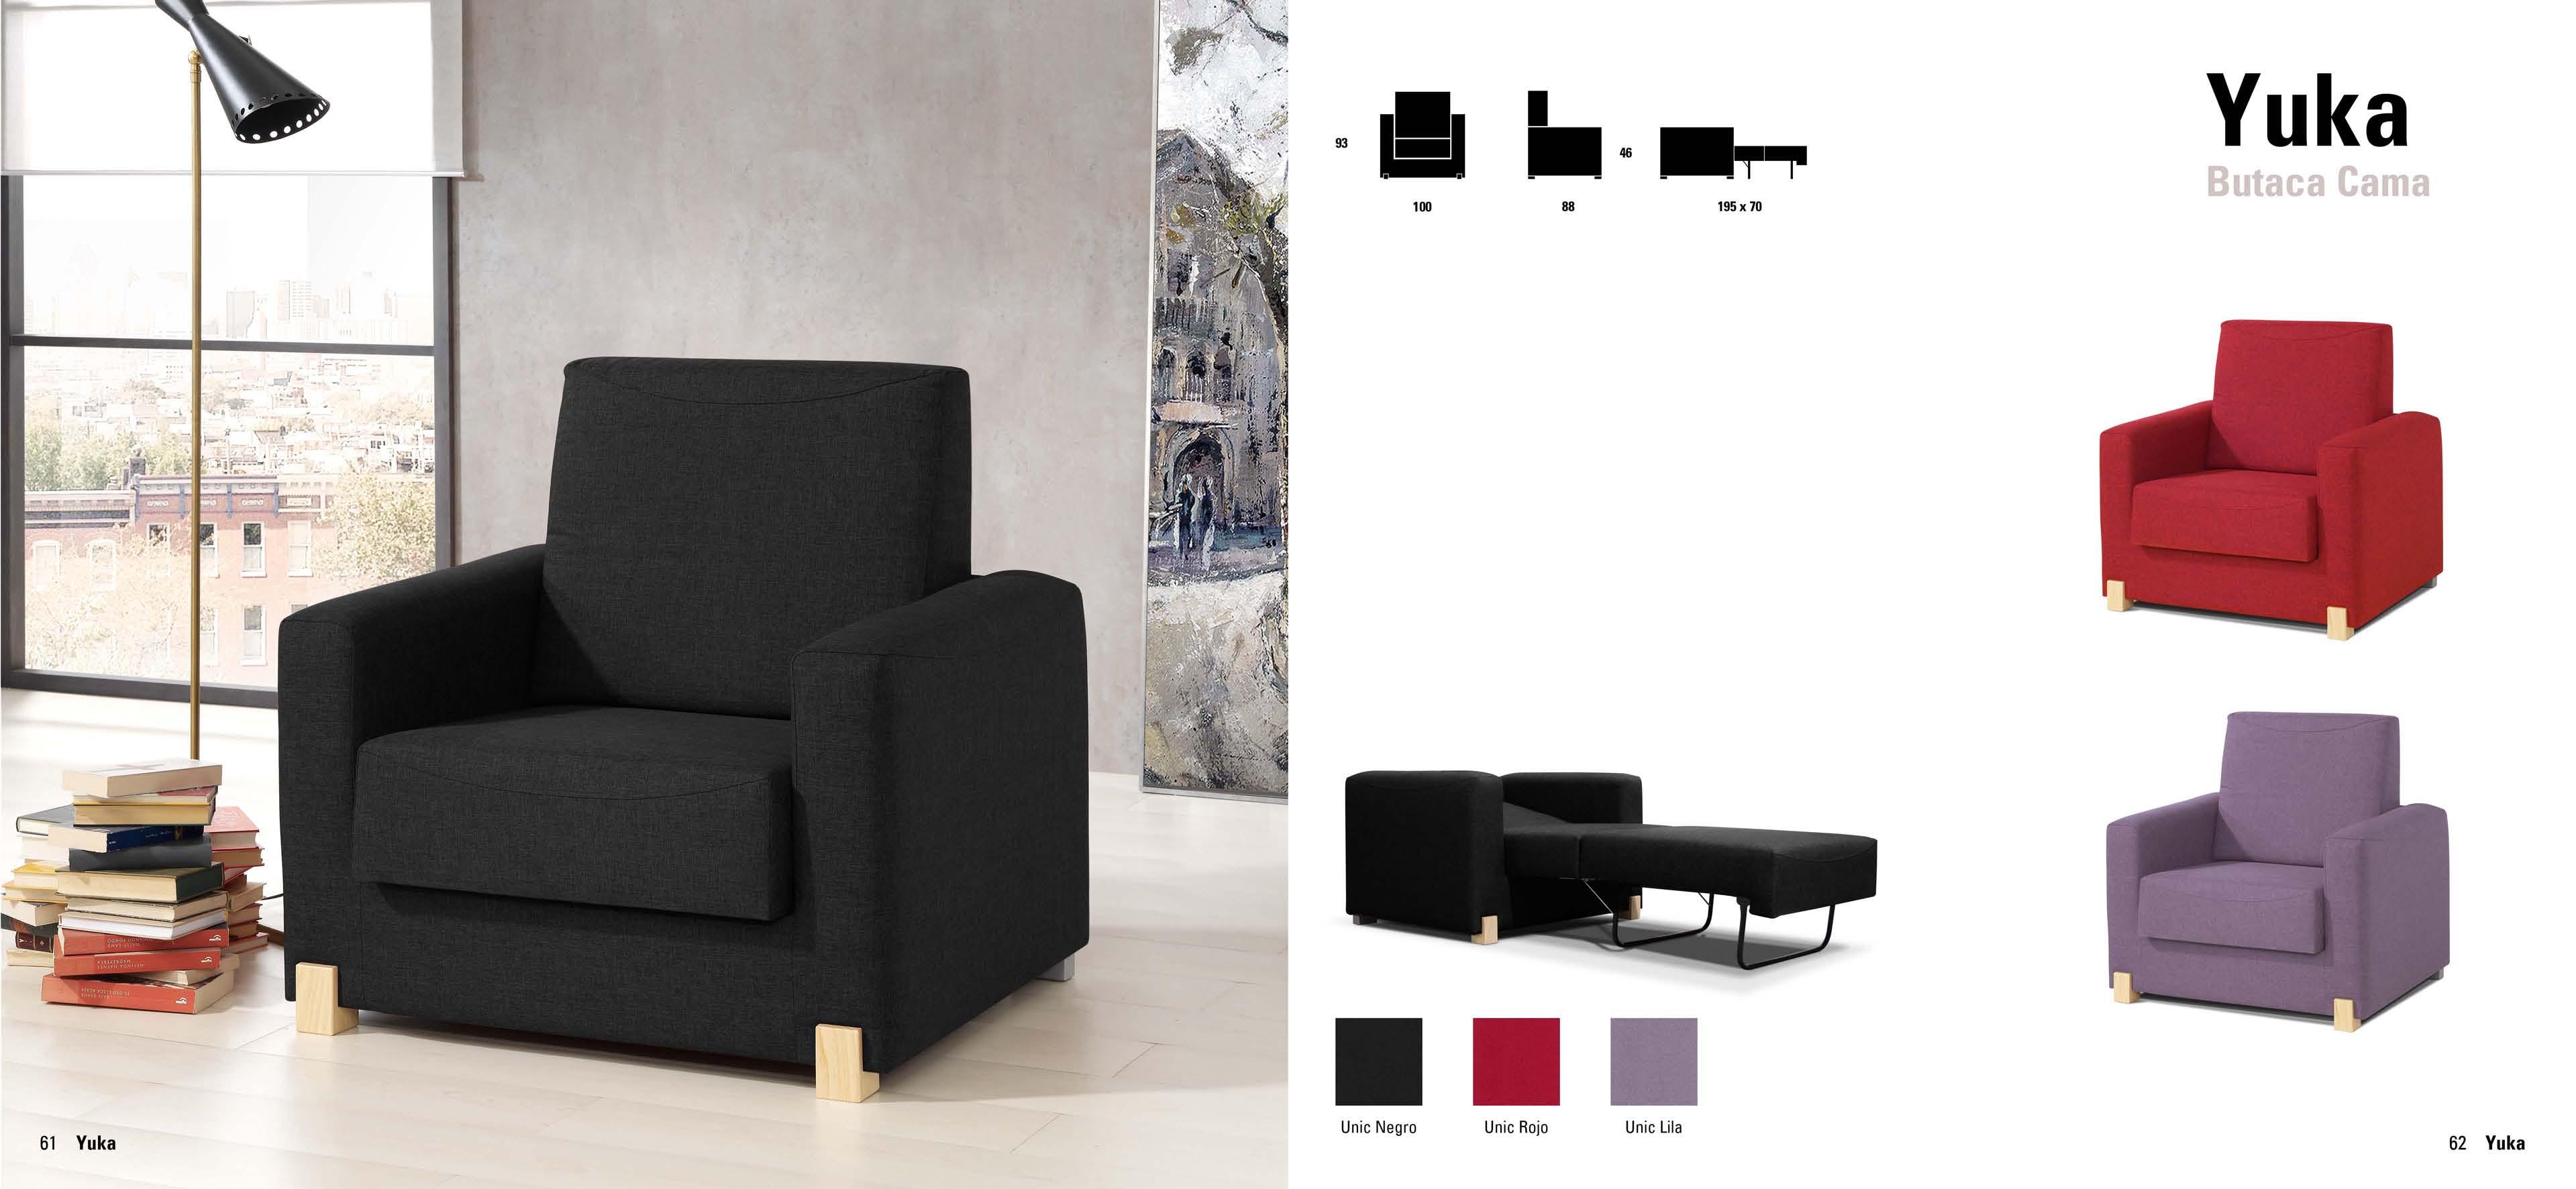 Sof cama 1 plaza muebles adama tienda de muebles en madrid for Fabrica de sofa cama 2 plazas